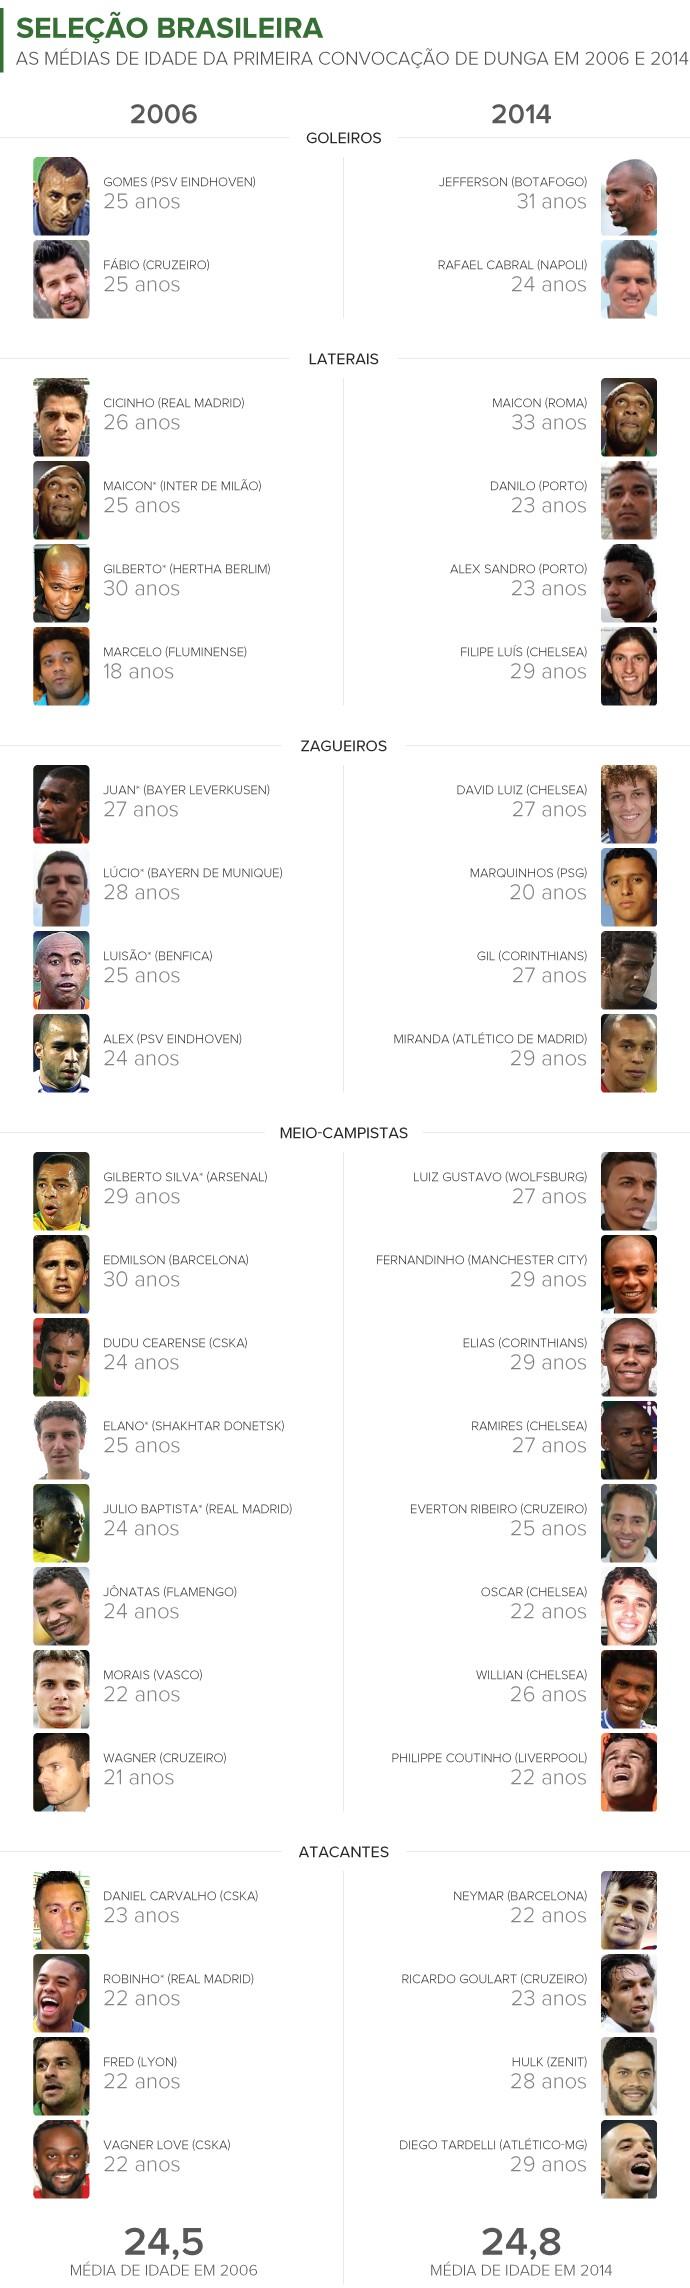 Info MÉDIA de IDADE dos Convocados de 2006 e 2014 2 (Foto: Infoesporte)